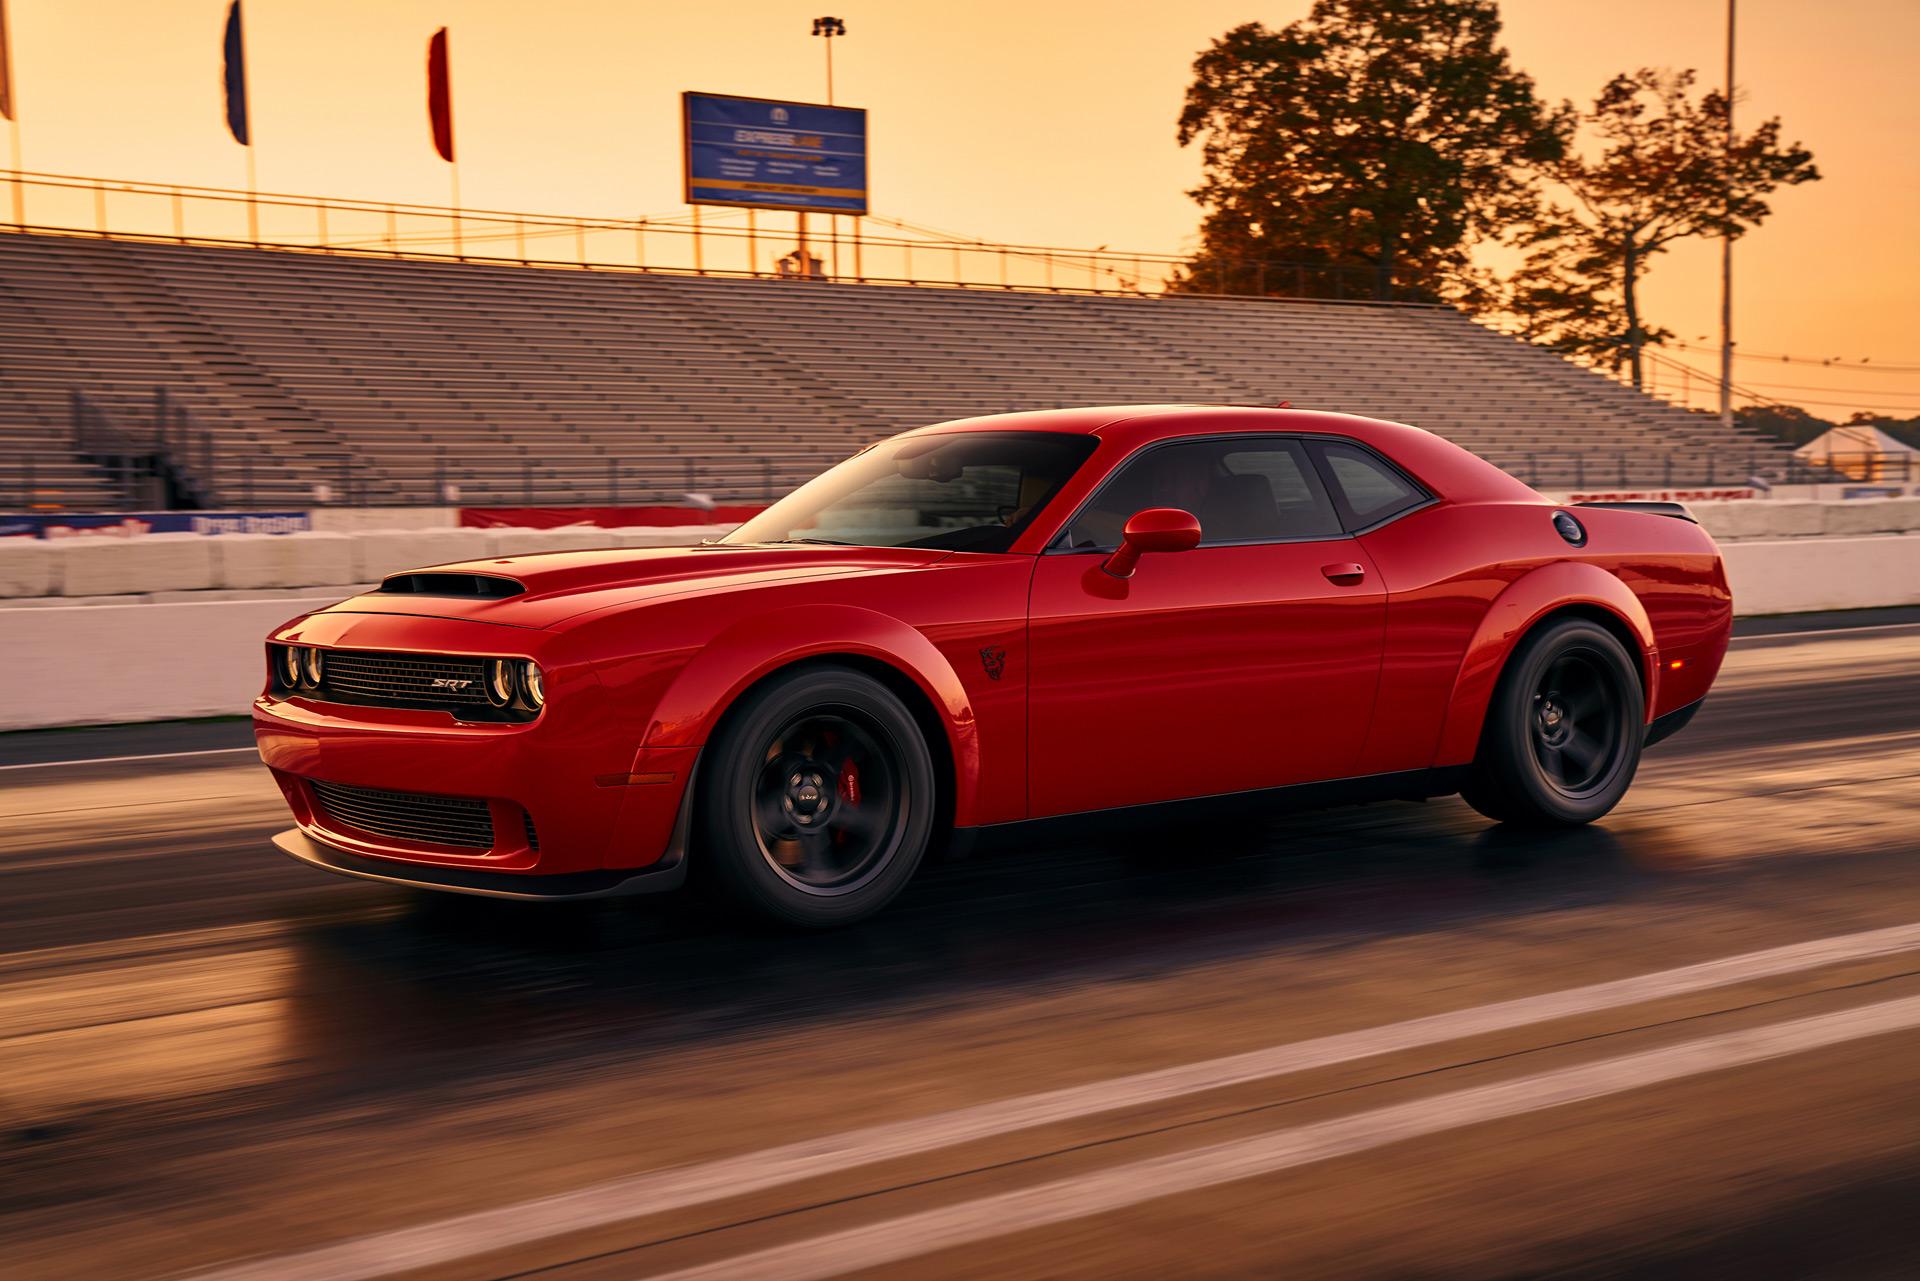 2018 Dodge Challenger Srt Demon Will Be Priced Under 100 000